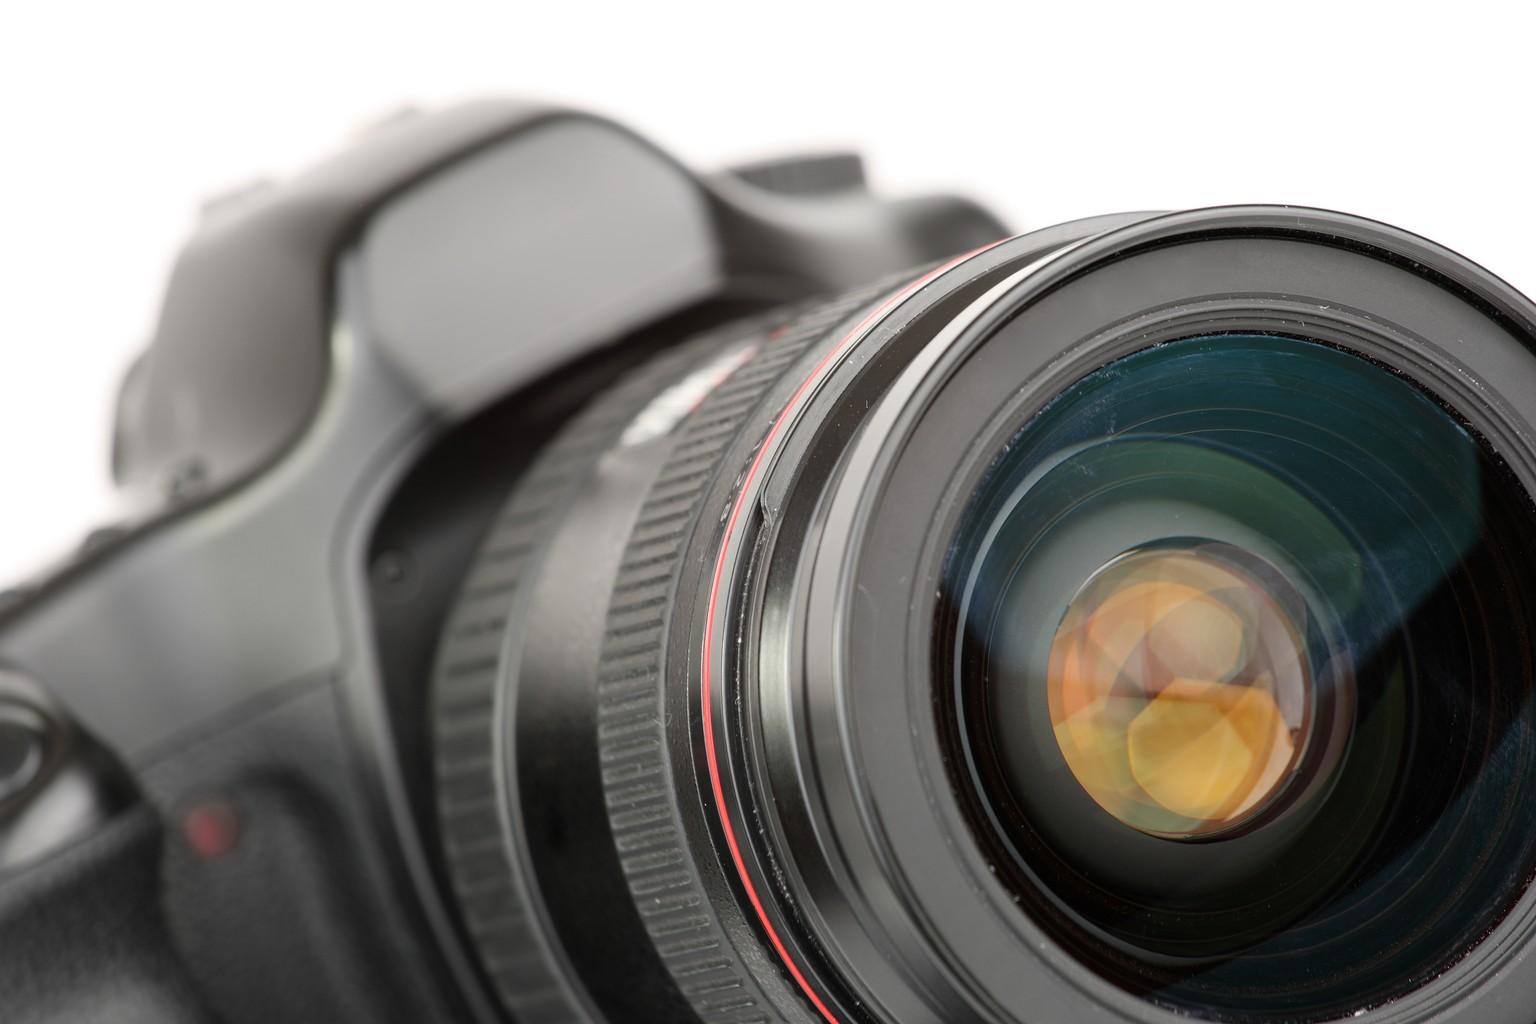 Devenir photographe : des méthodes efficaces